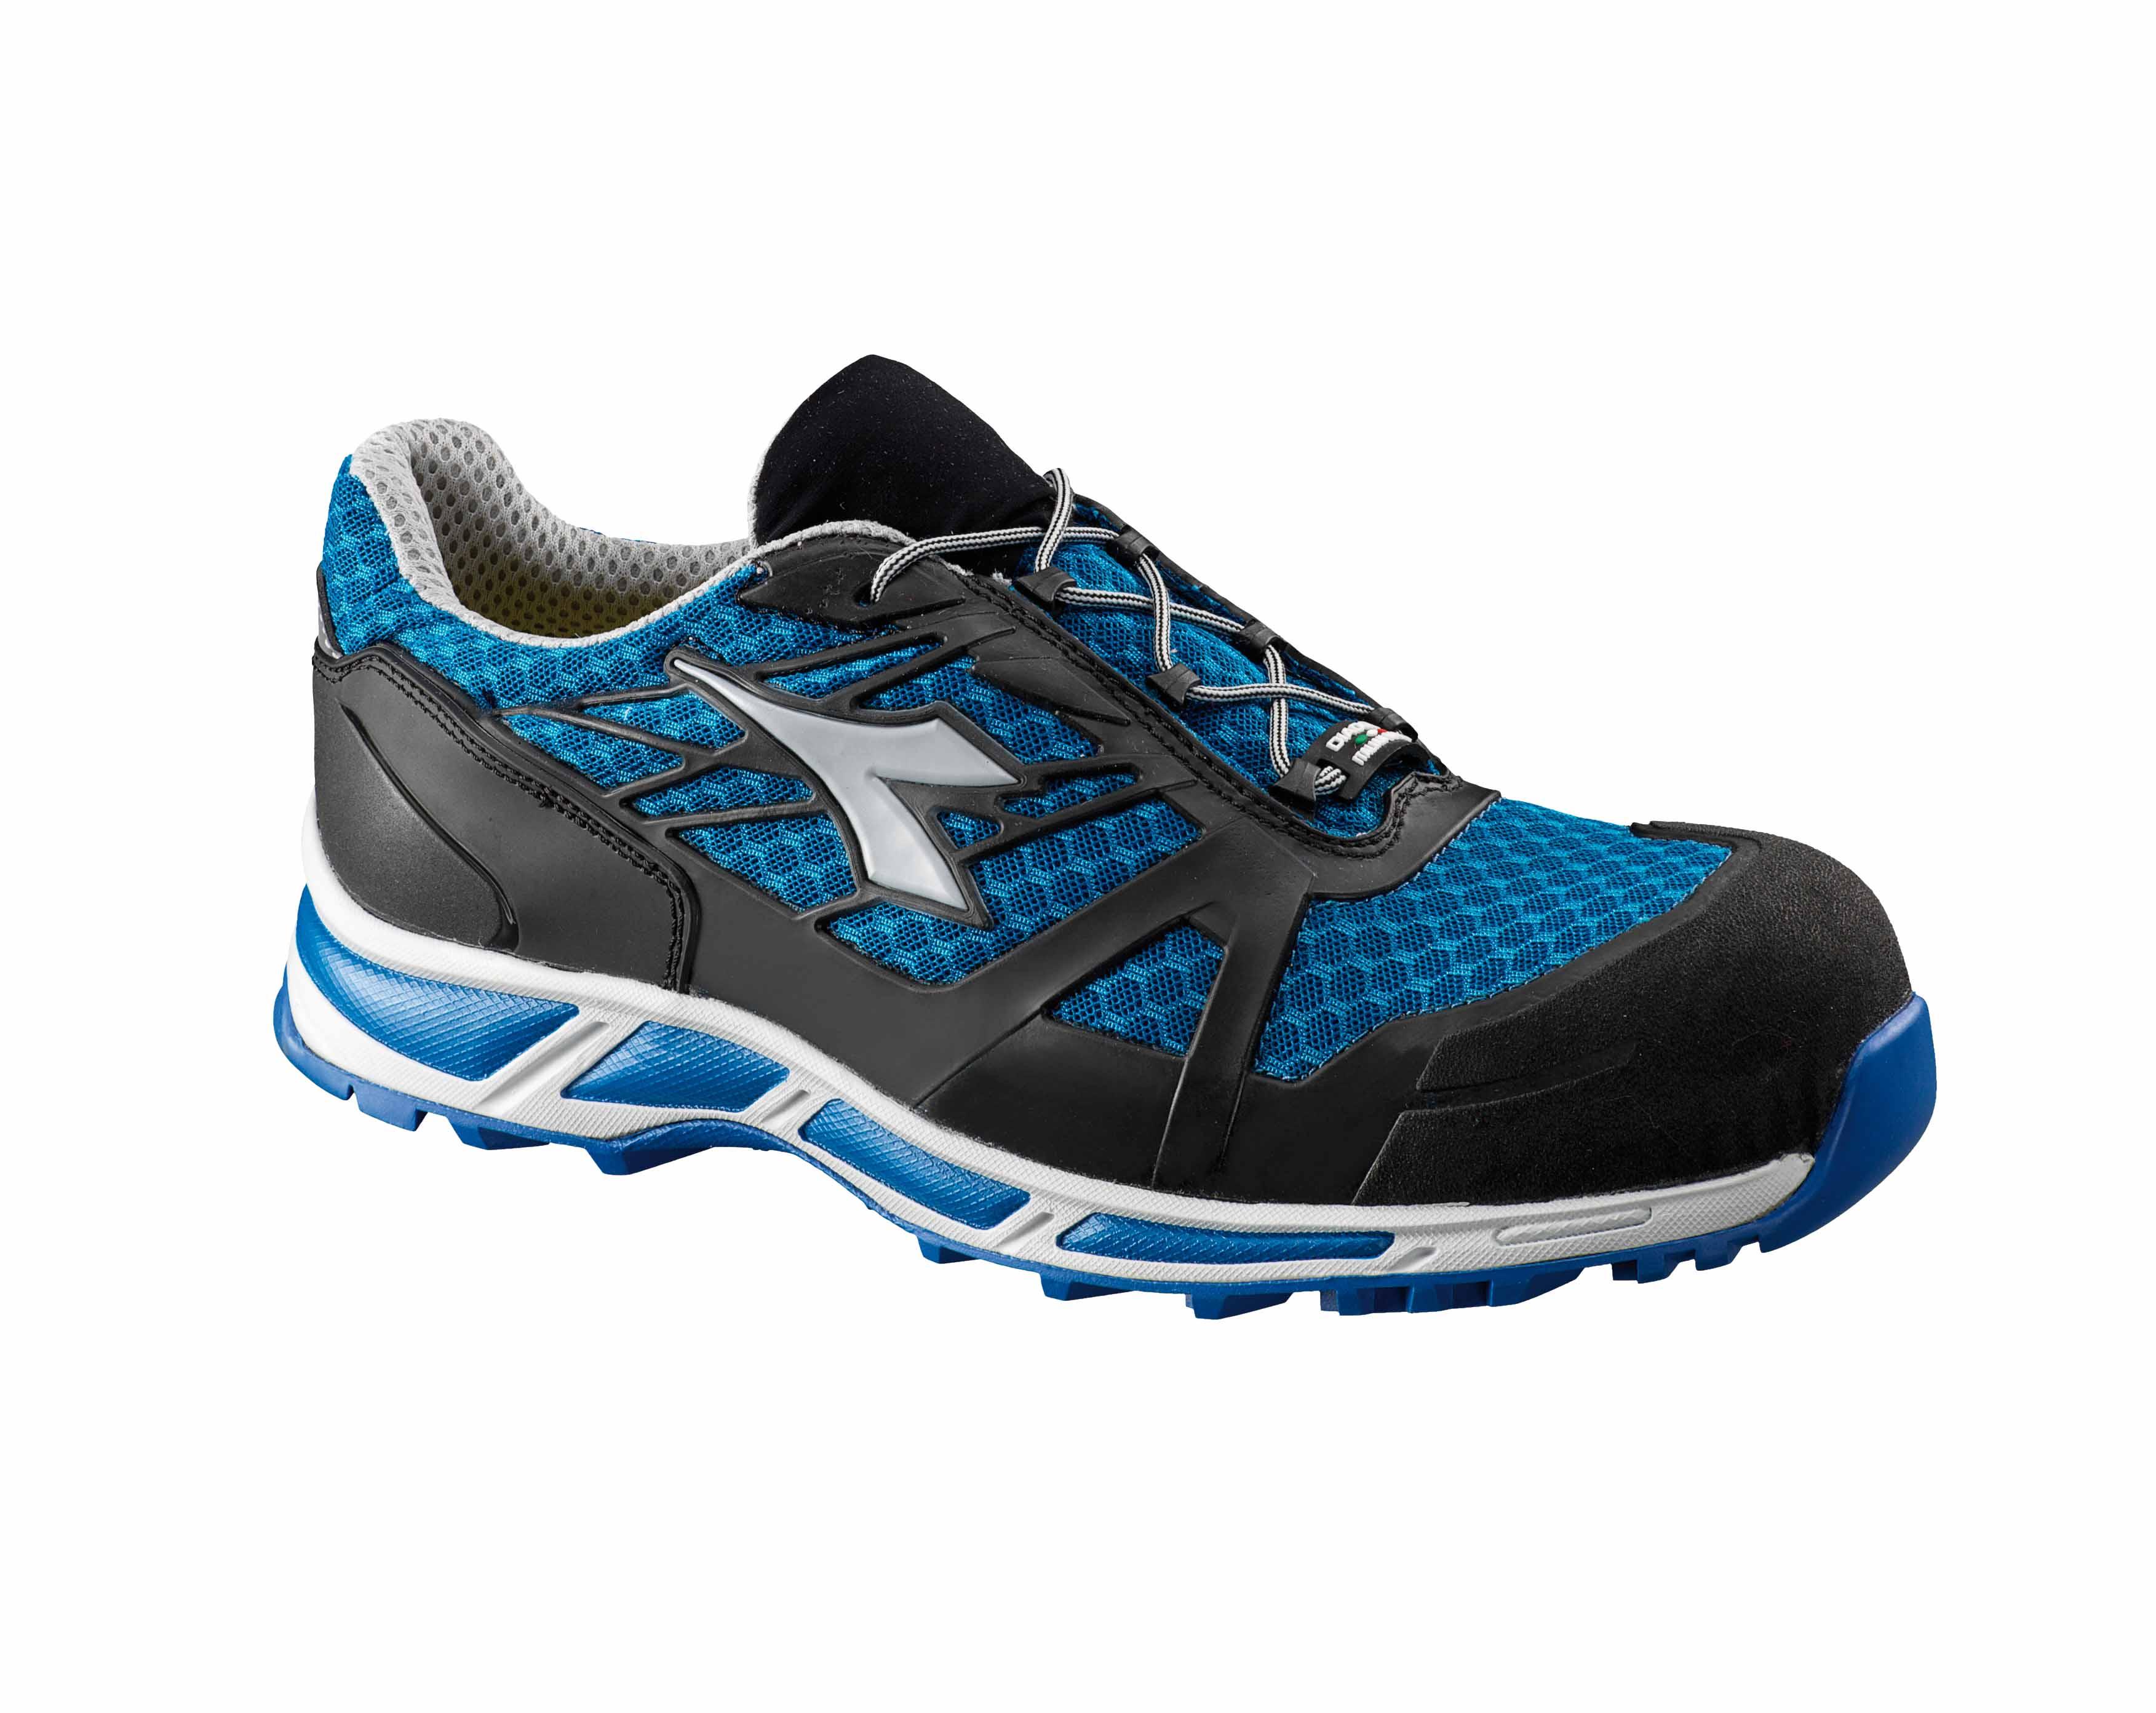 b77fe26e44b740 Chaussures de sécurité basses S1P SRC D-TRAIL LOW 170960 - DIADORA